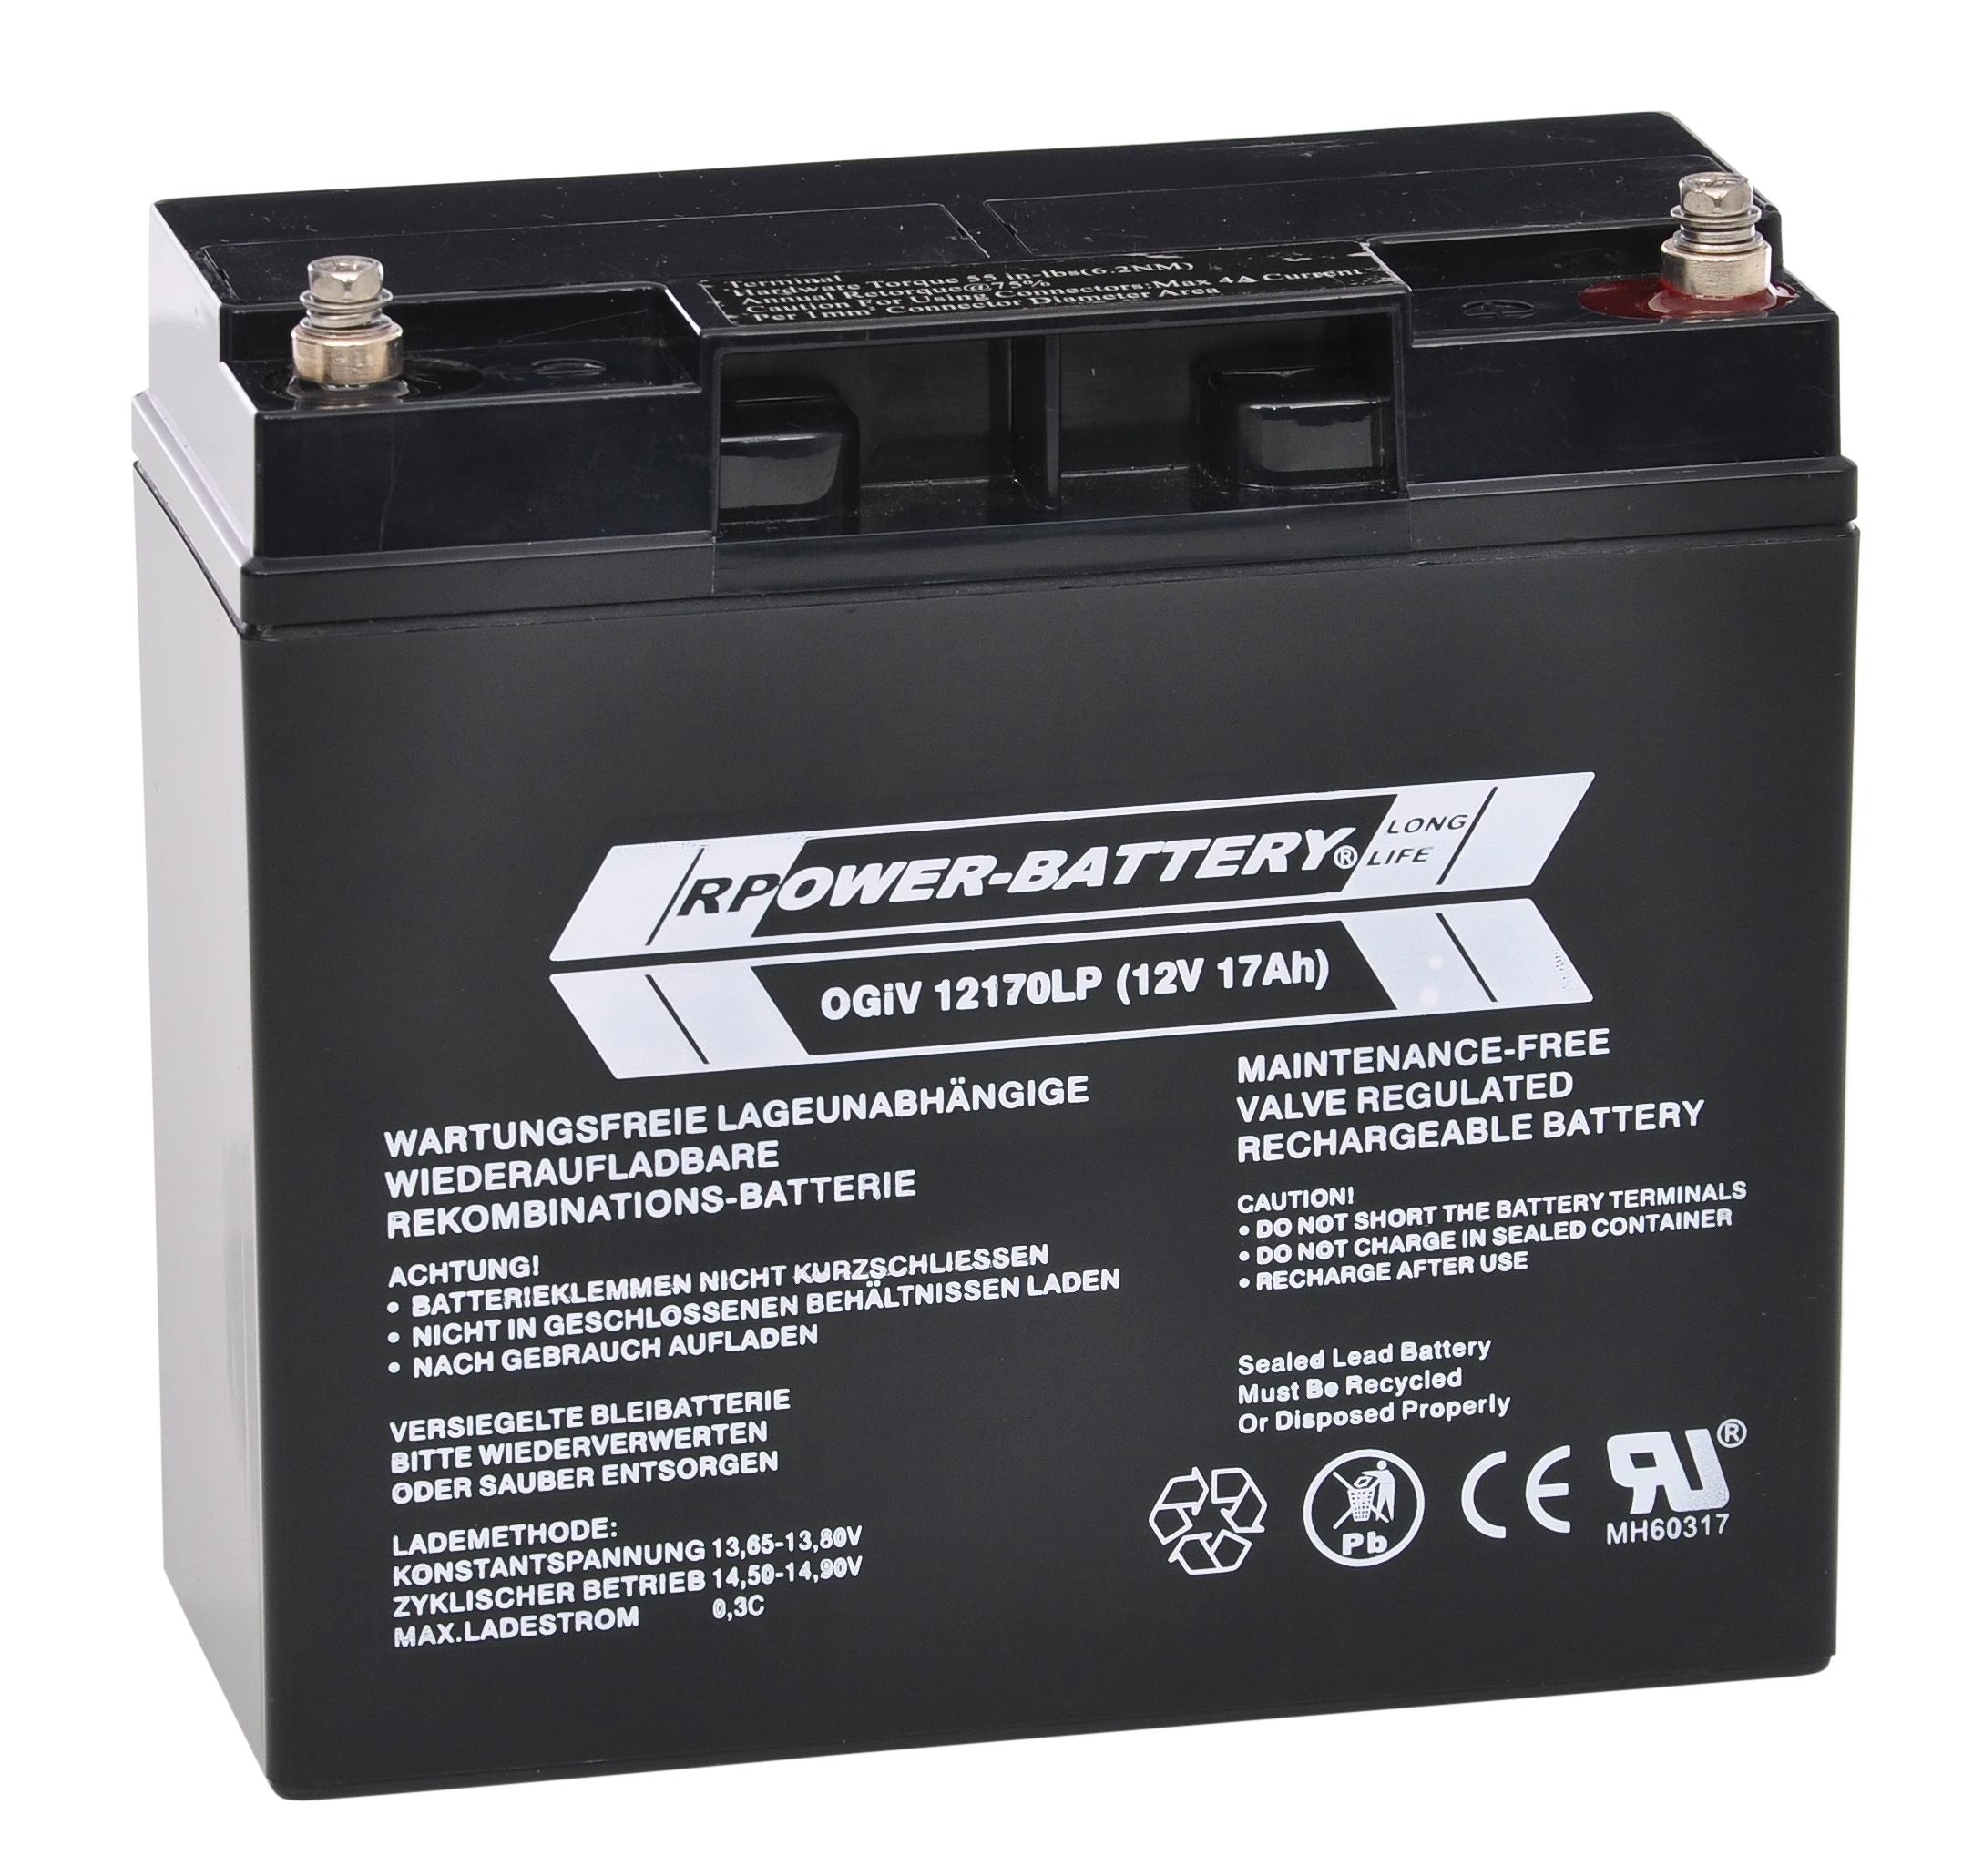 Batterie RPower OGiV longlife bis 12 Jahre 12V/17Ah (C20)